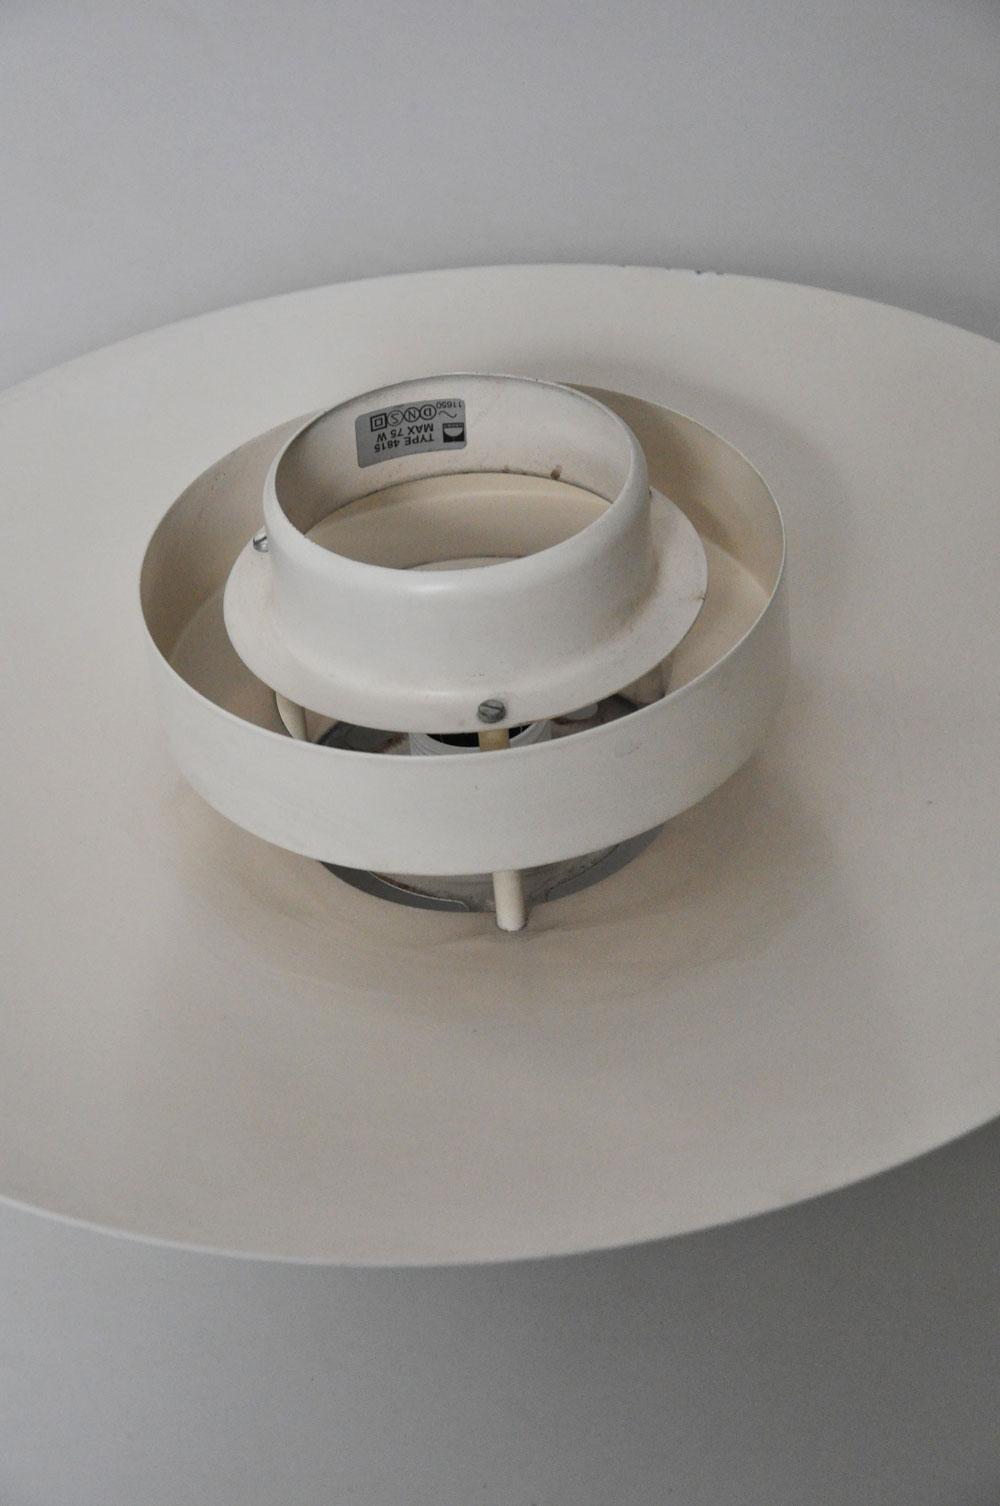 vendu plafonnier scandinave de simon henningsen l 39 amateur eclair. Black Bedroom Furniture Sets. Home Design Ideas